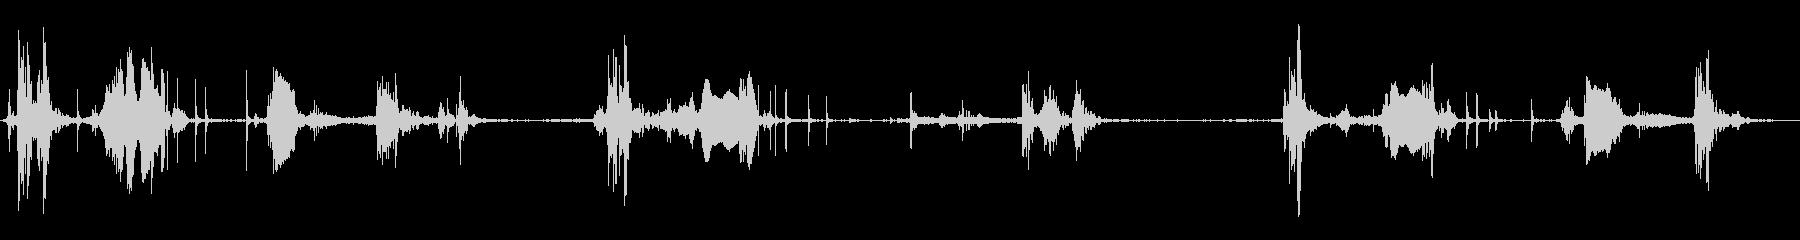 木製ハッチ:スライド開閉、きしむ、...の未再生の波形